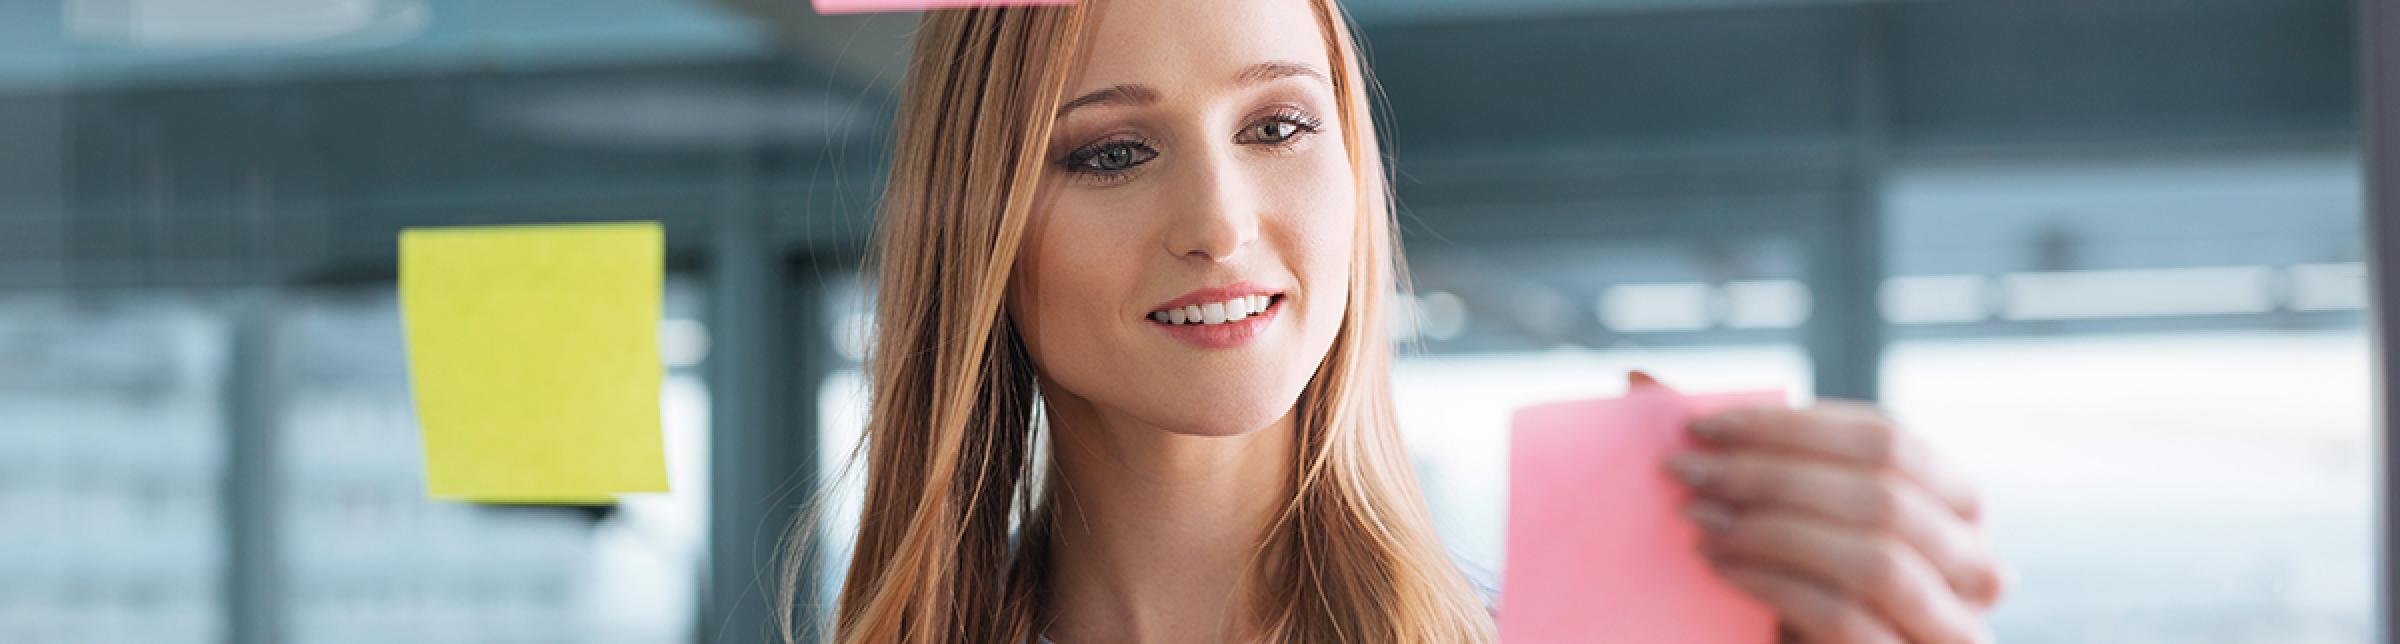 Primo piano di una ragazza attacca dei post-it su di un vetro davanti a lei